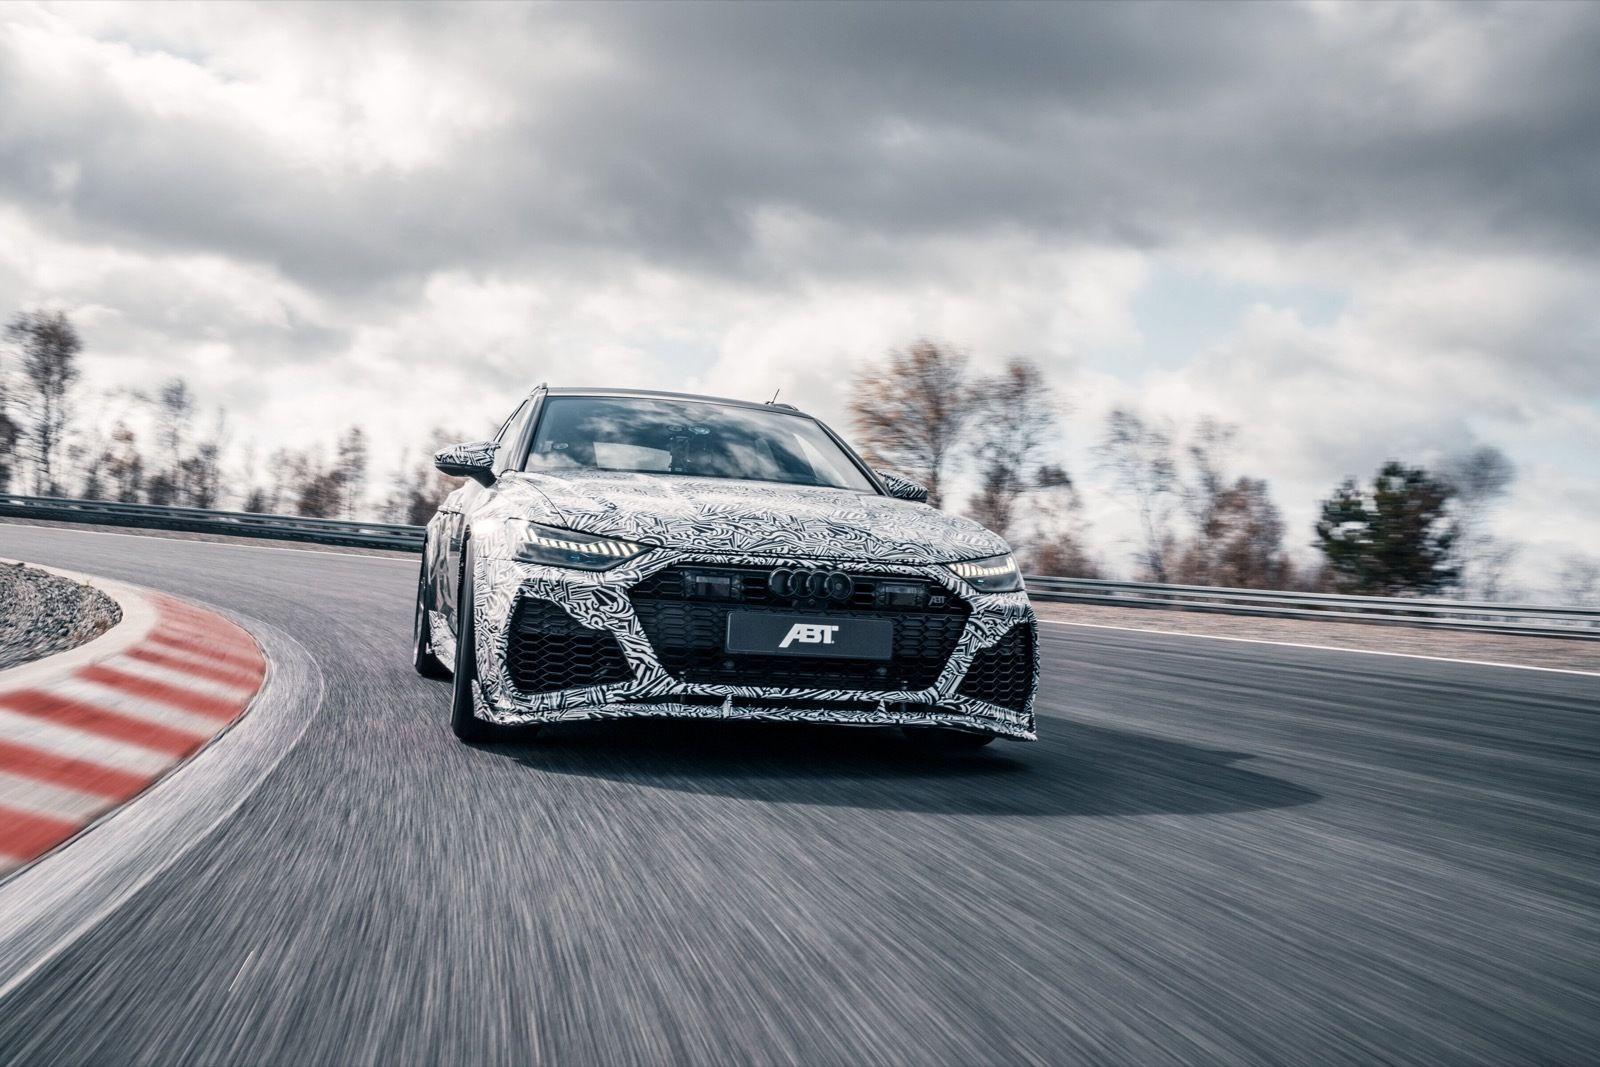 Audi_RS6_Johann_Abt_Signature_Edition-0021